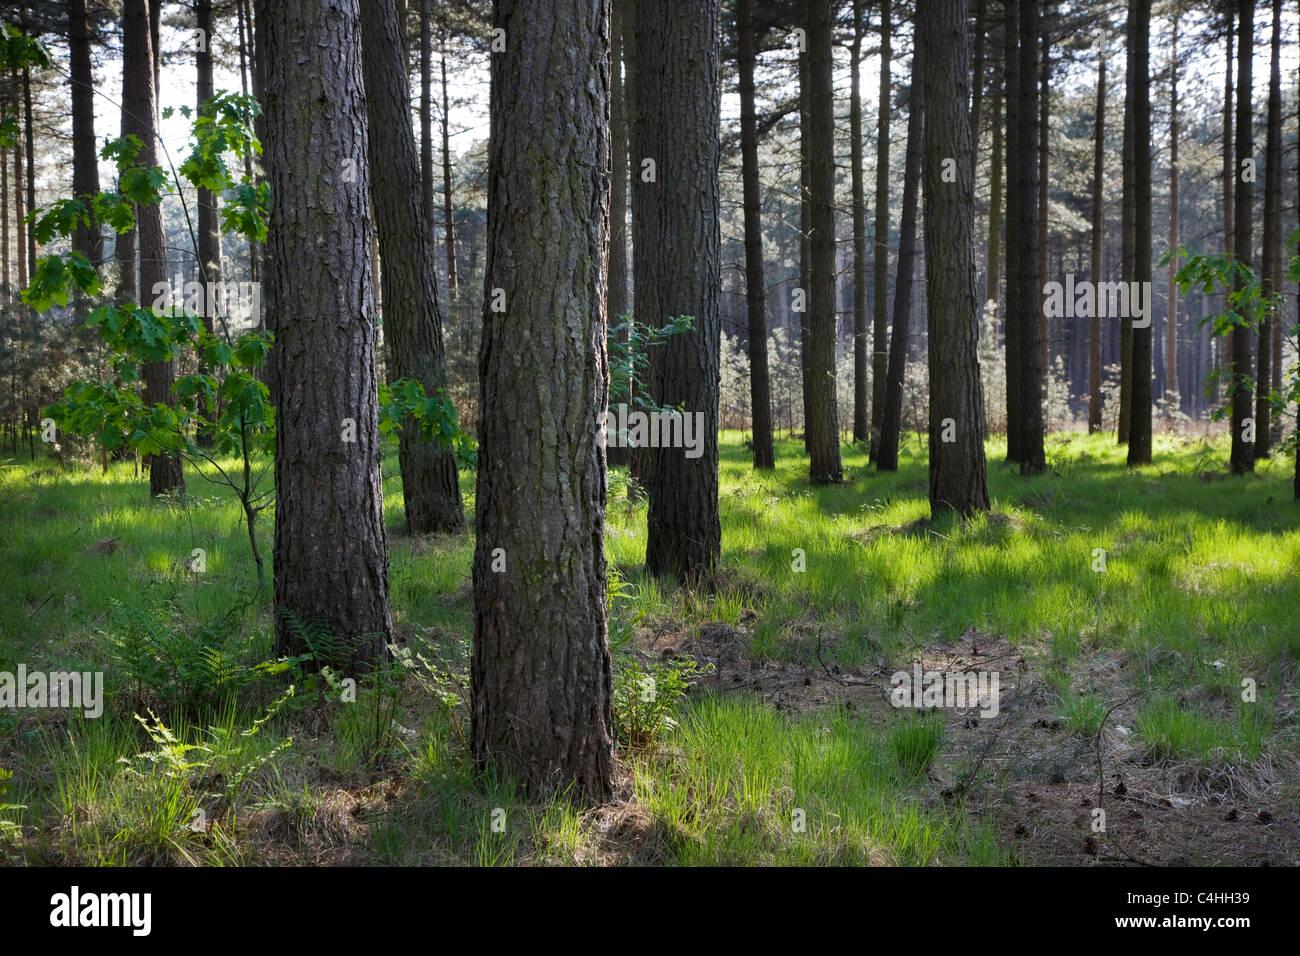 Coniferous forest with European black pines (Pinus nigra), Belgium - Stock Image